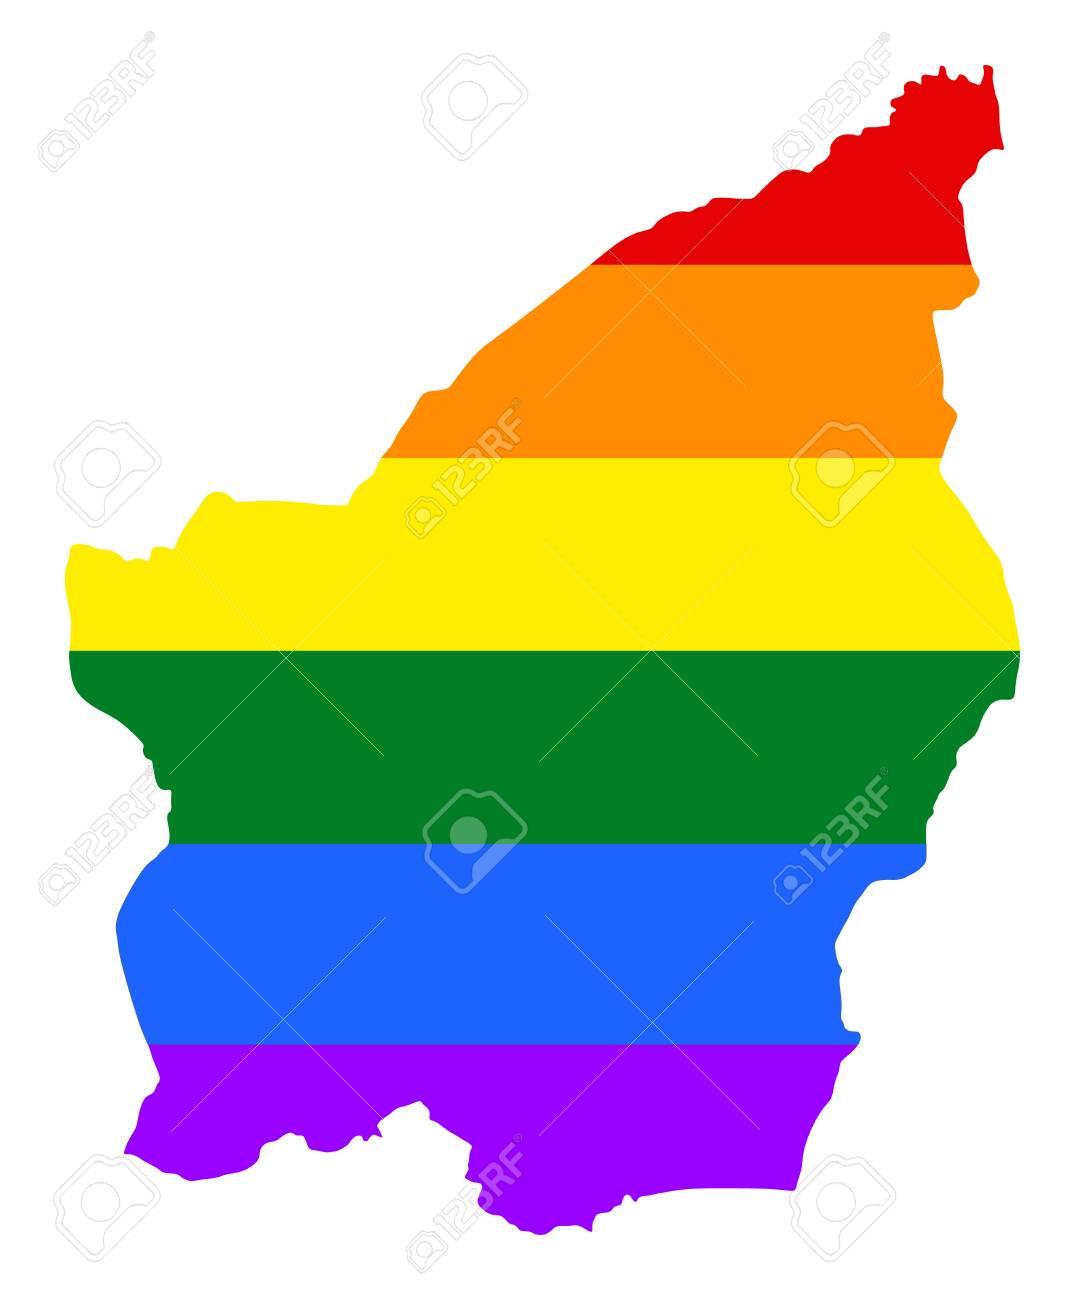 San Marino Mapa Europa.Mapa Gay Del Orgullo De San Marino Con Colores De La Bandera Del Arco Iris Pais De Europa Estado De La Ue